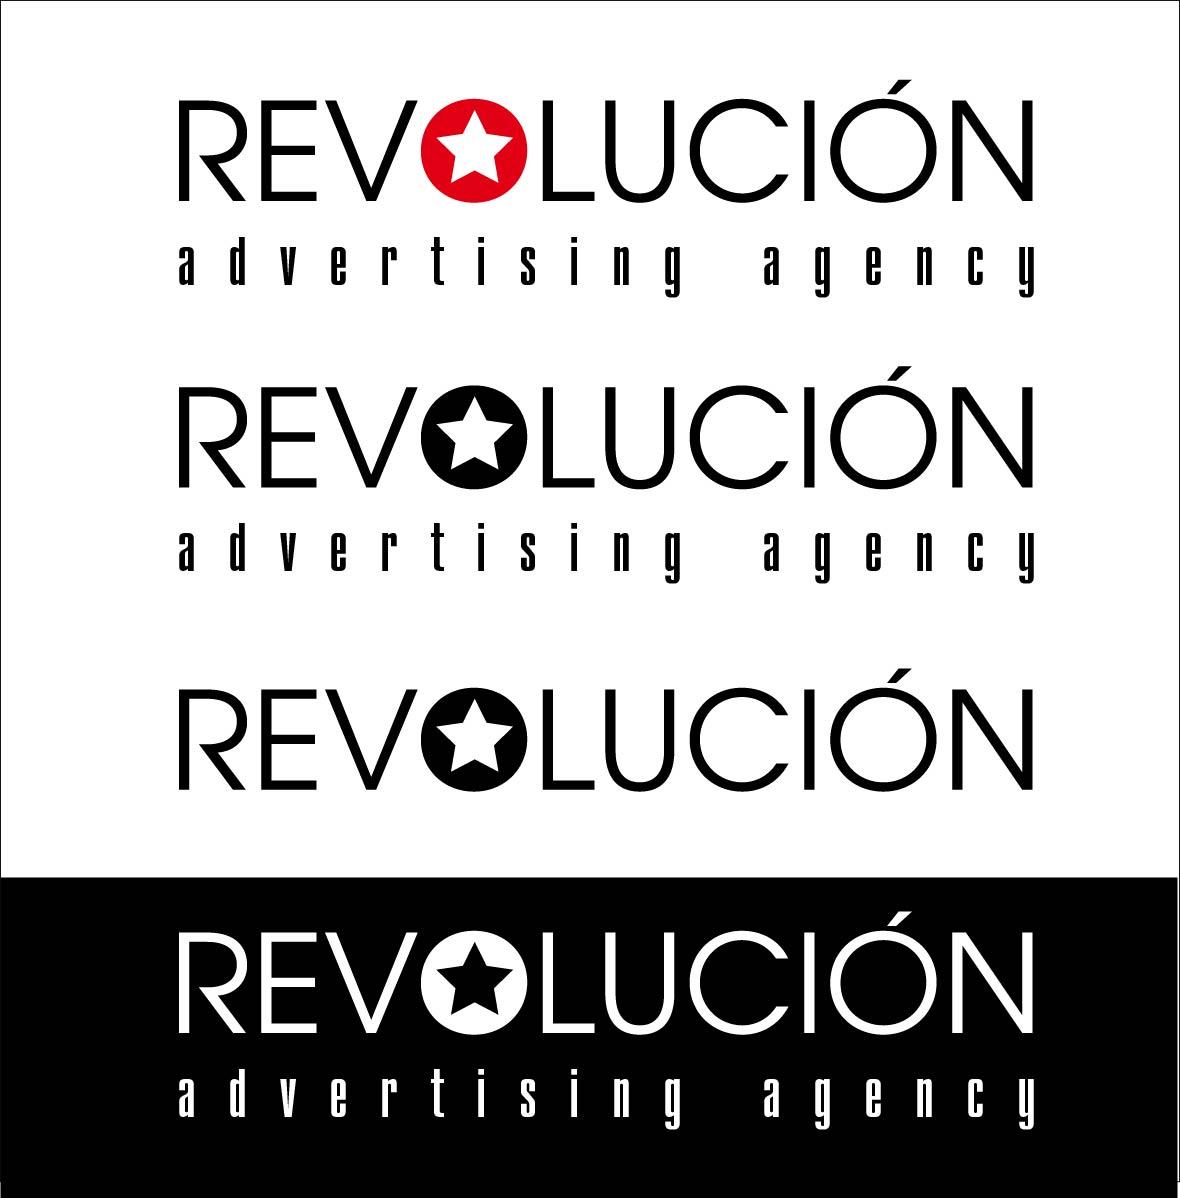 Разработка логотипа и фир. стиля агенству Revolución фото f_4fbd5eb4d0a02.jpg